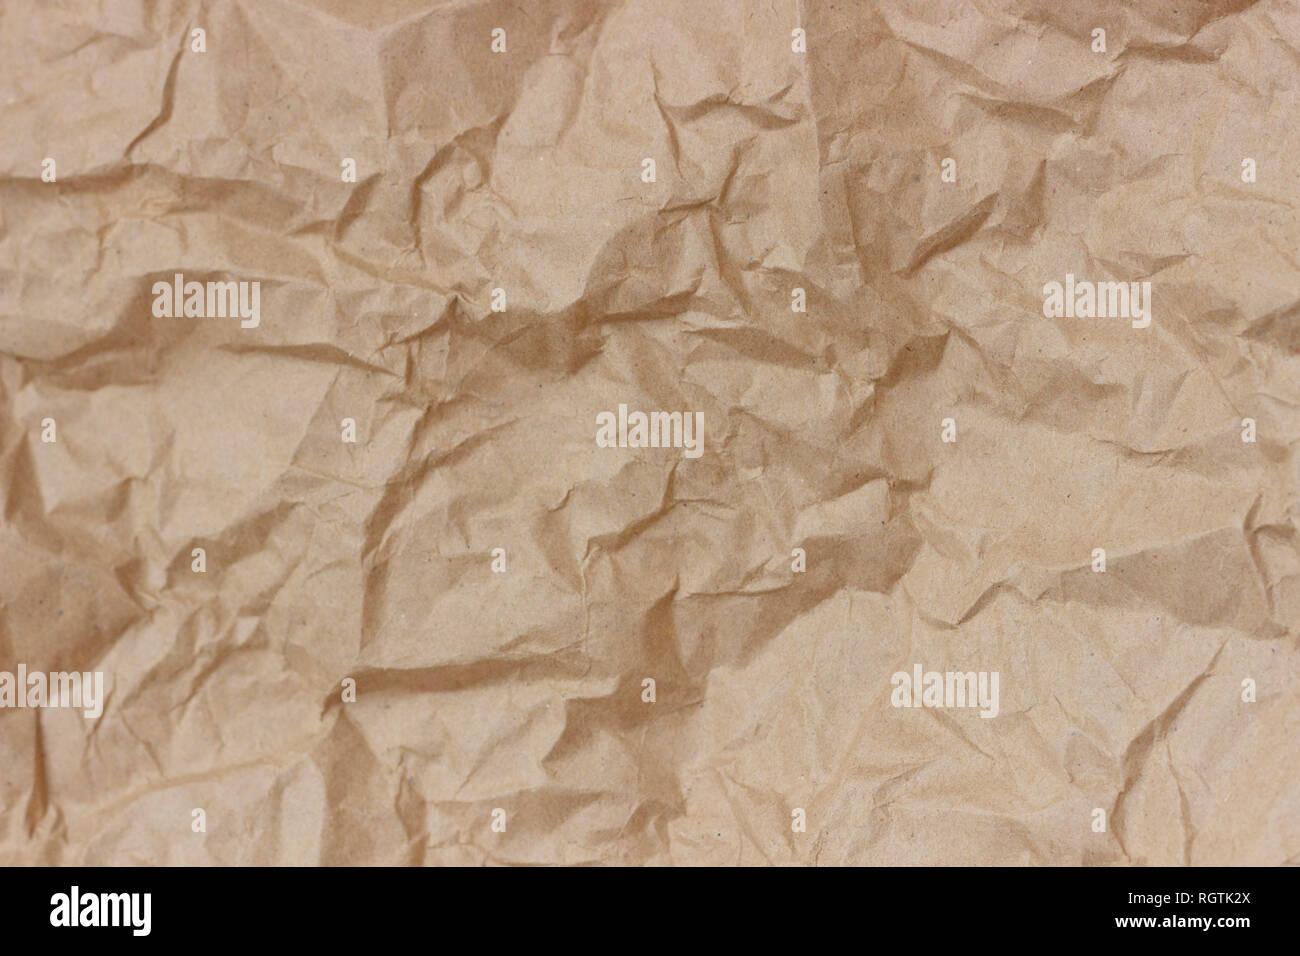 Brown Se Froisser Le Recyclage Du Papier De Fond La Texture De Papier Froisse La Texture De Vieux Papiers Froisses Close Up Photo Stock Alamy